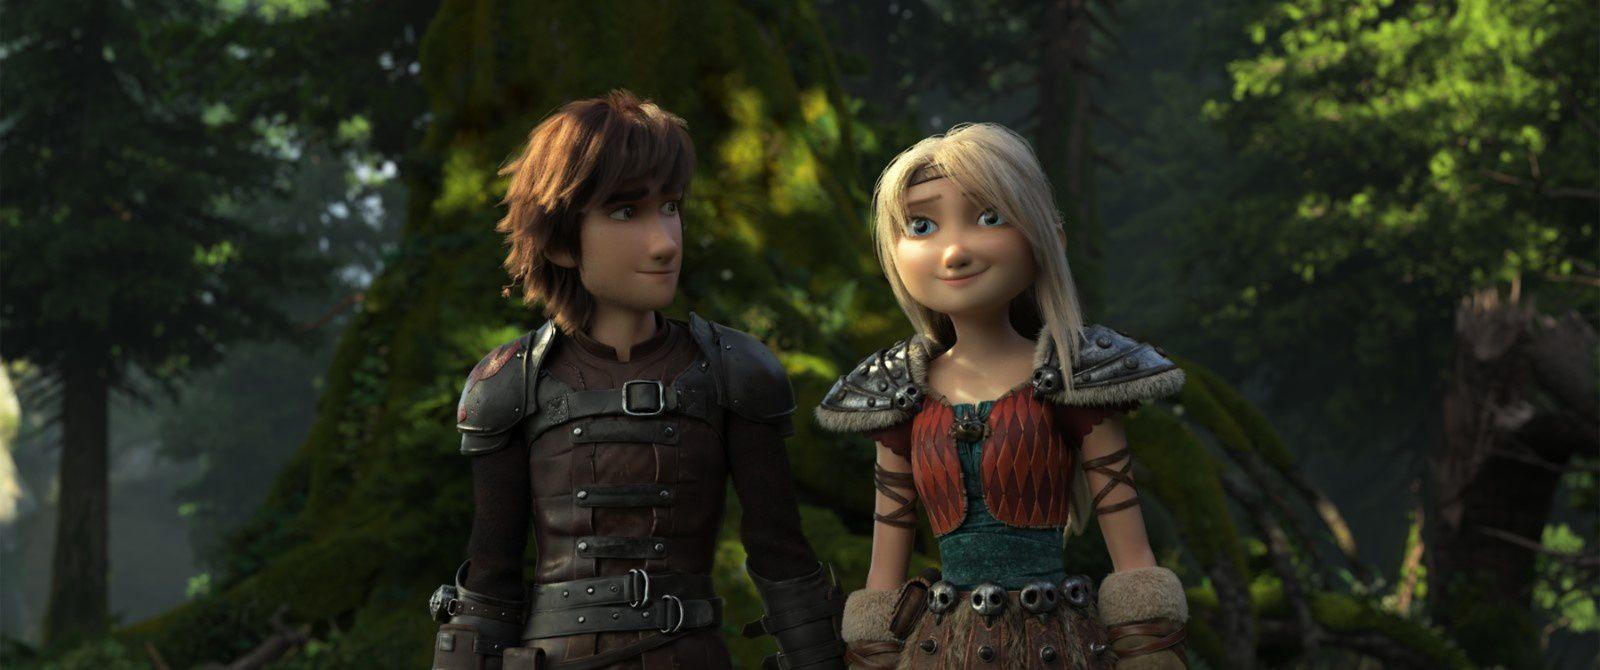 Dragons 3 : le monde caché (BANDE-ANNONCE 1 et 2) Le 6 février 2019 au cinéma